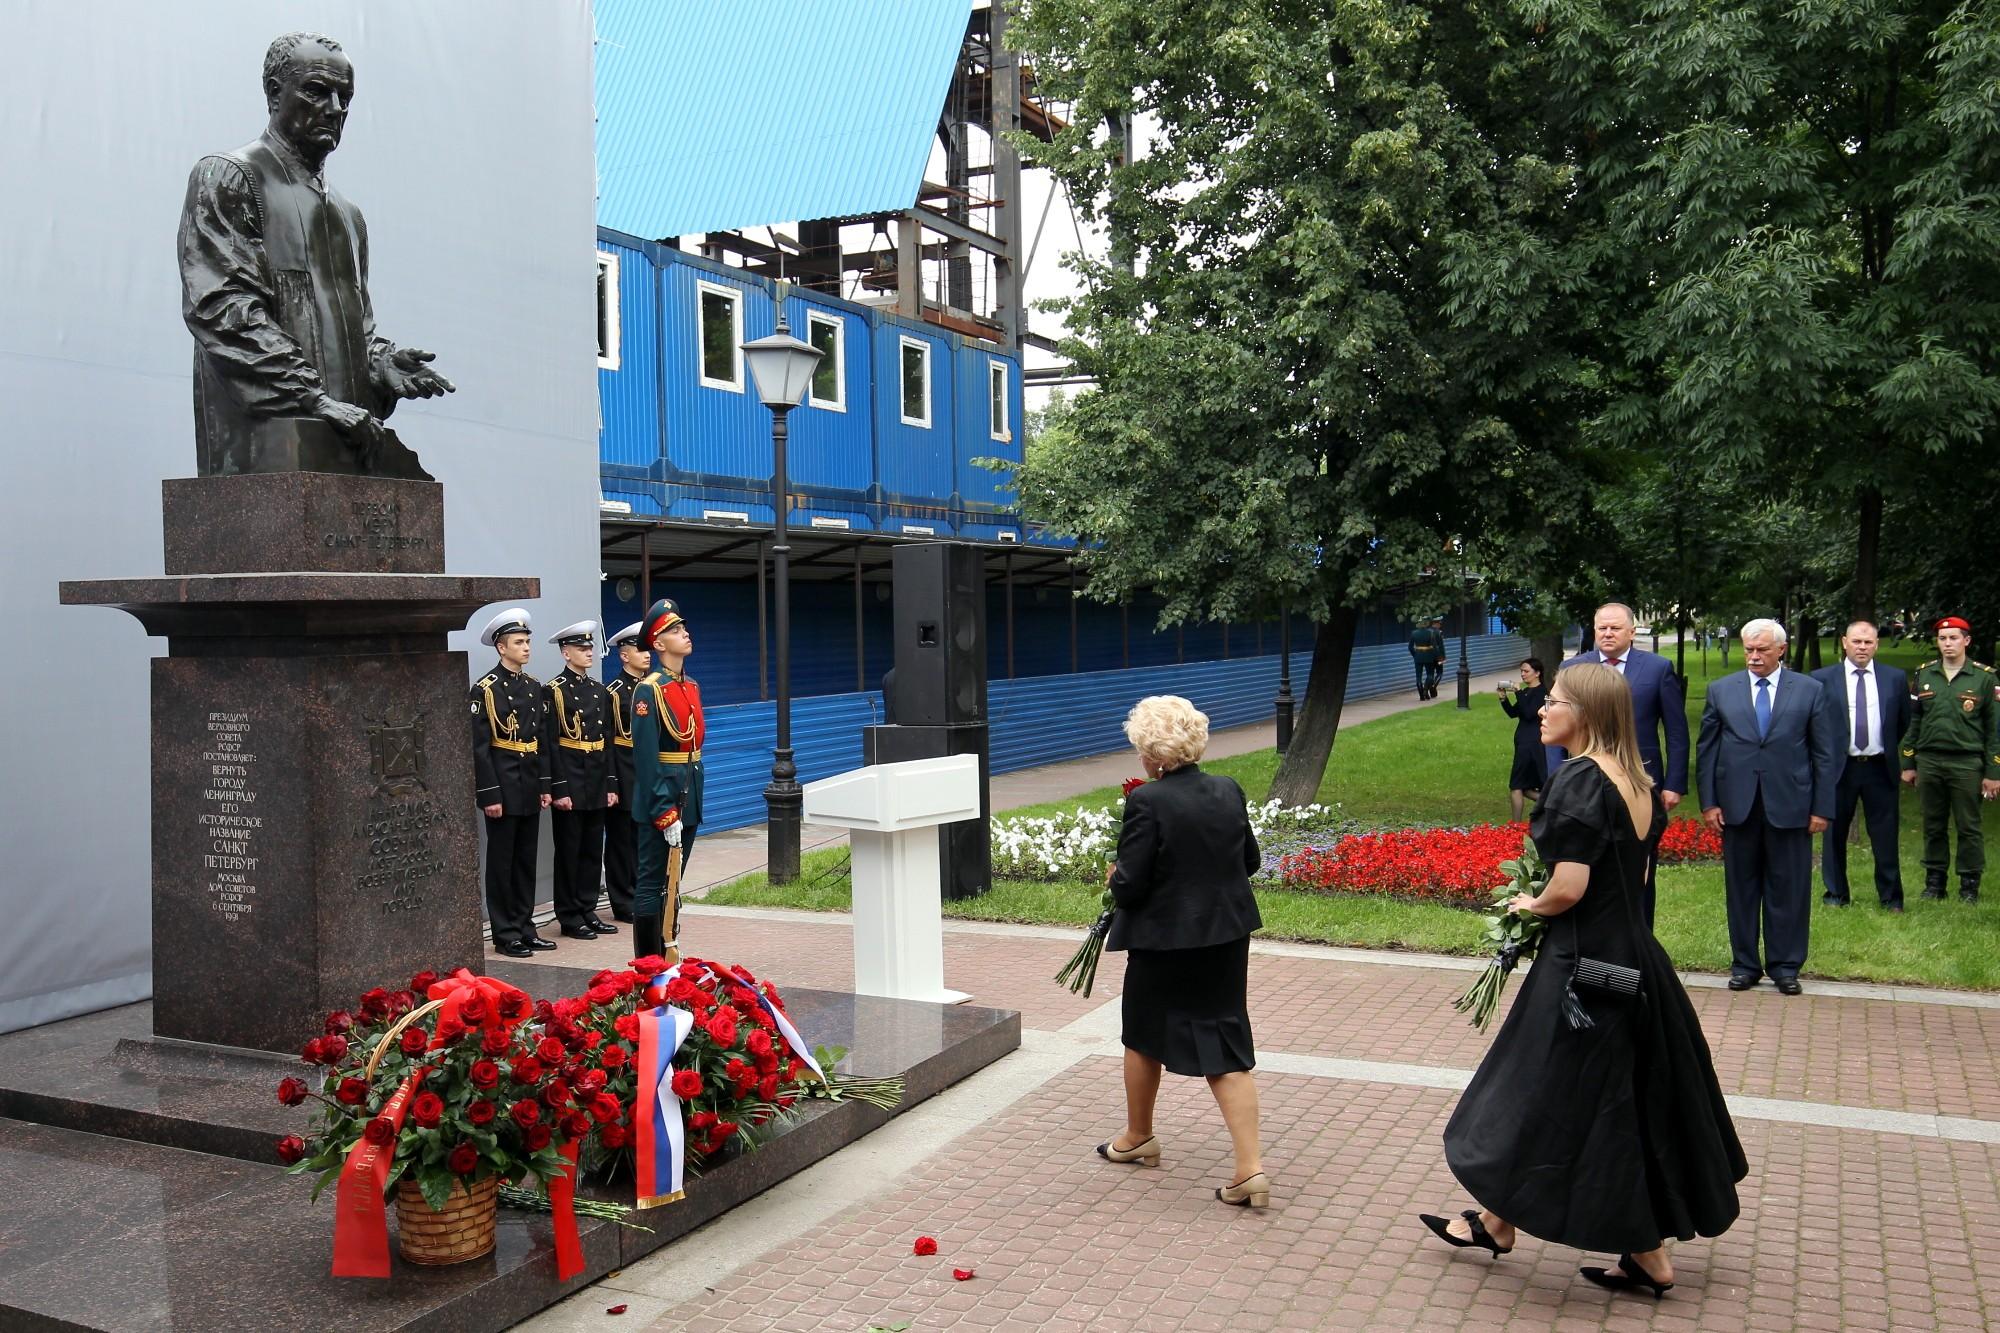 памятник Анатолию Собчаку Людмила Нарусова Ксения Собчак